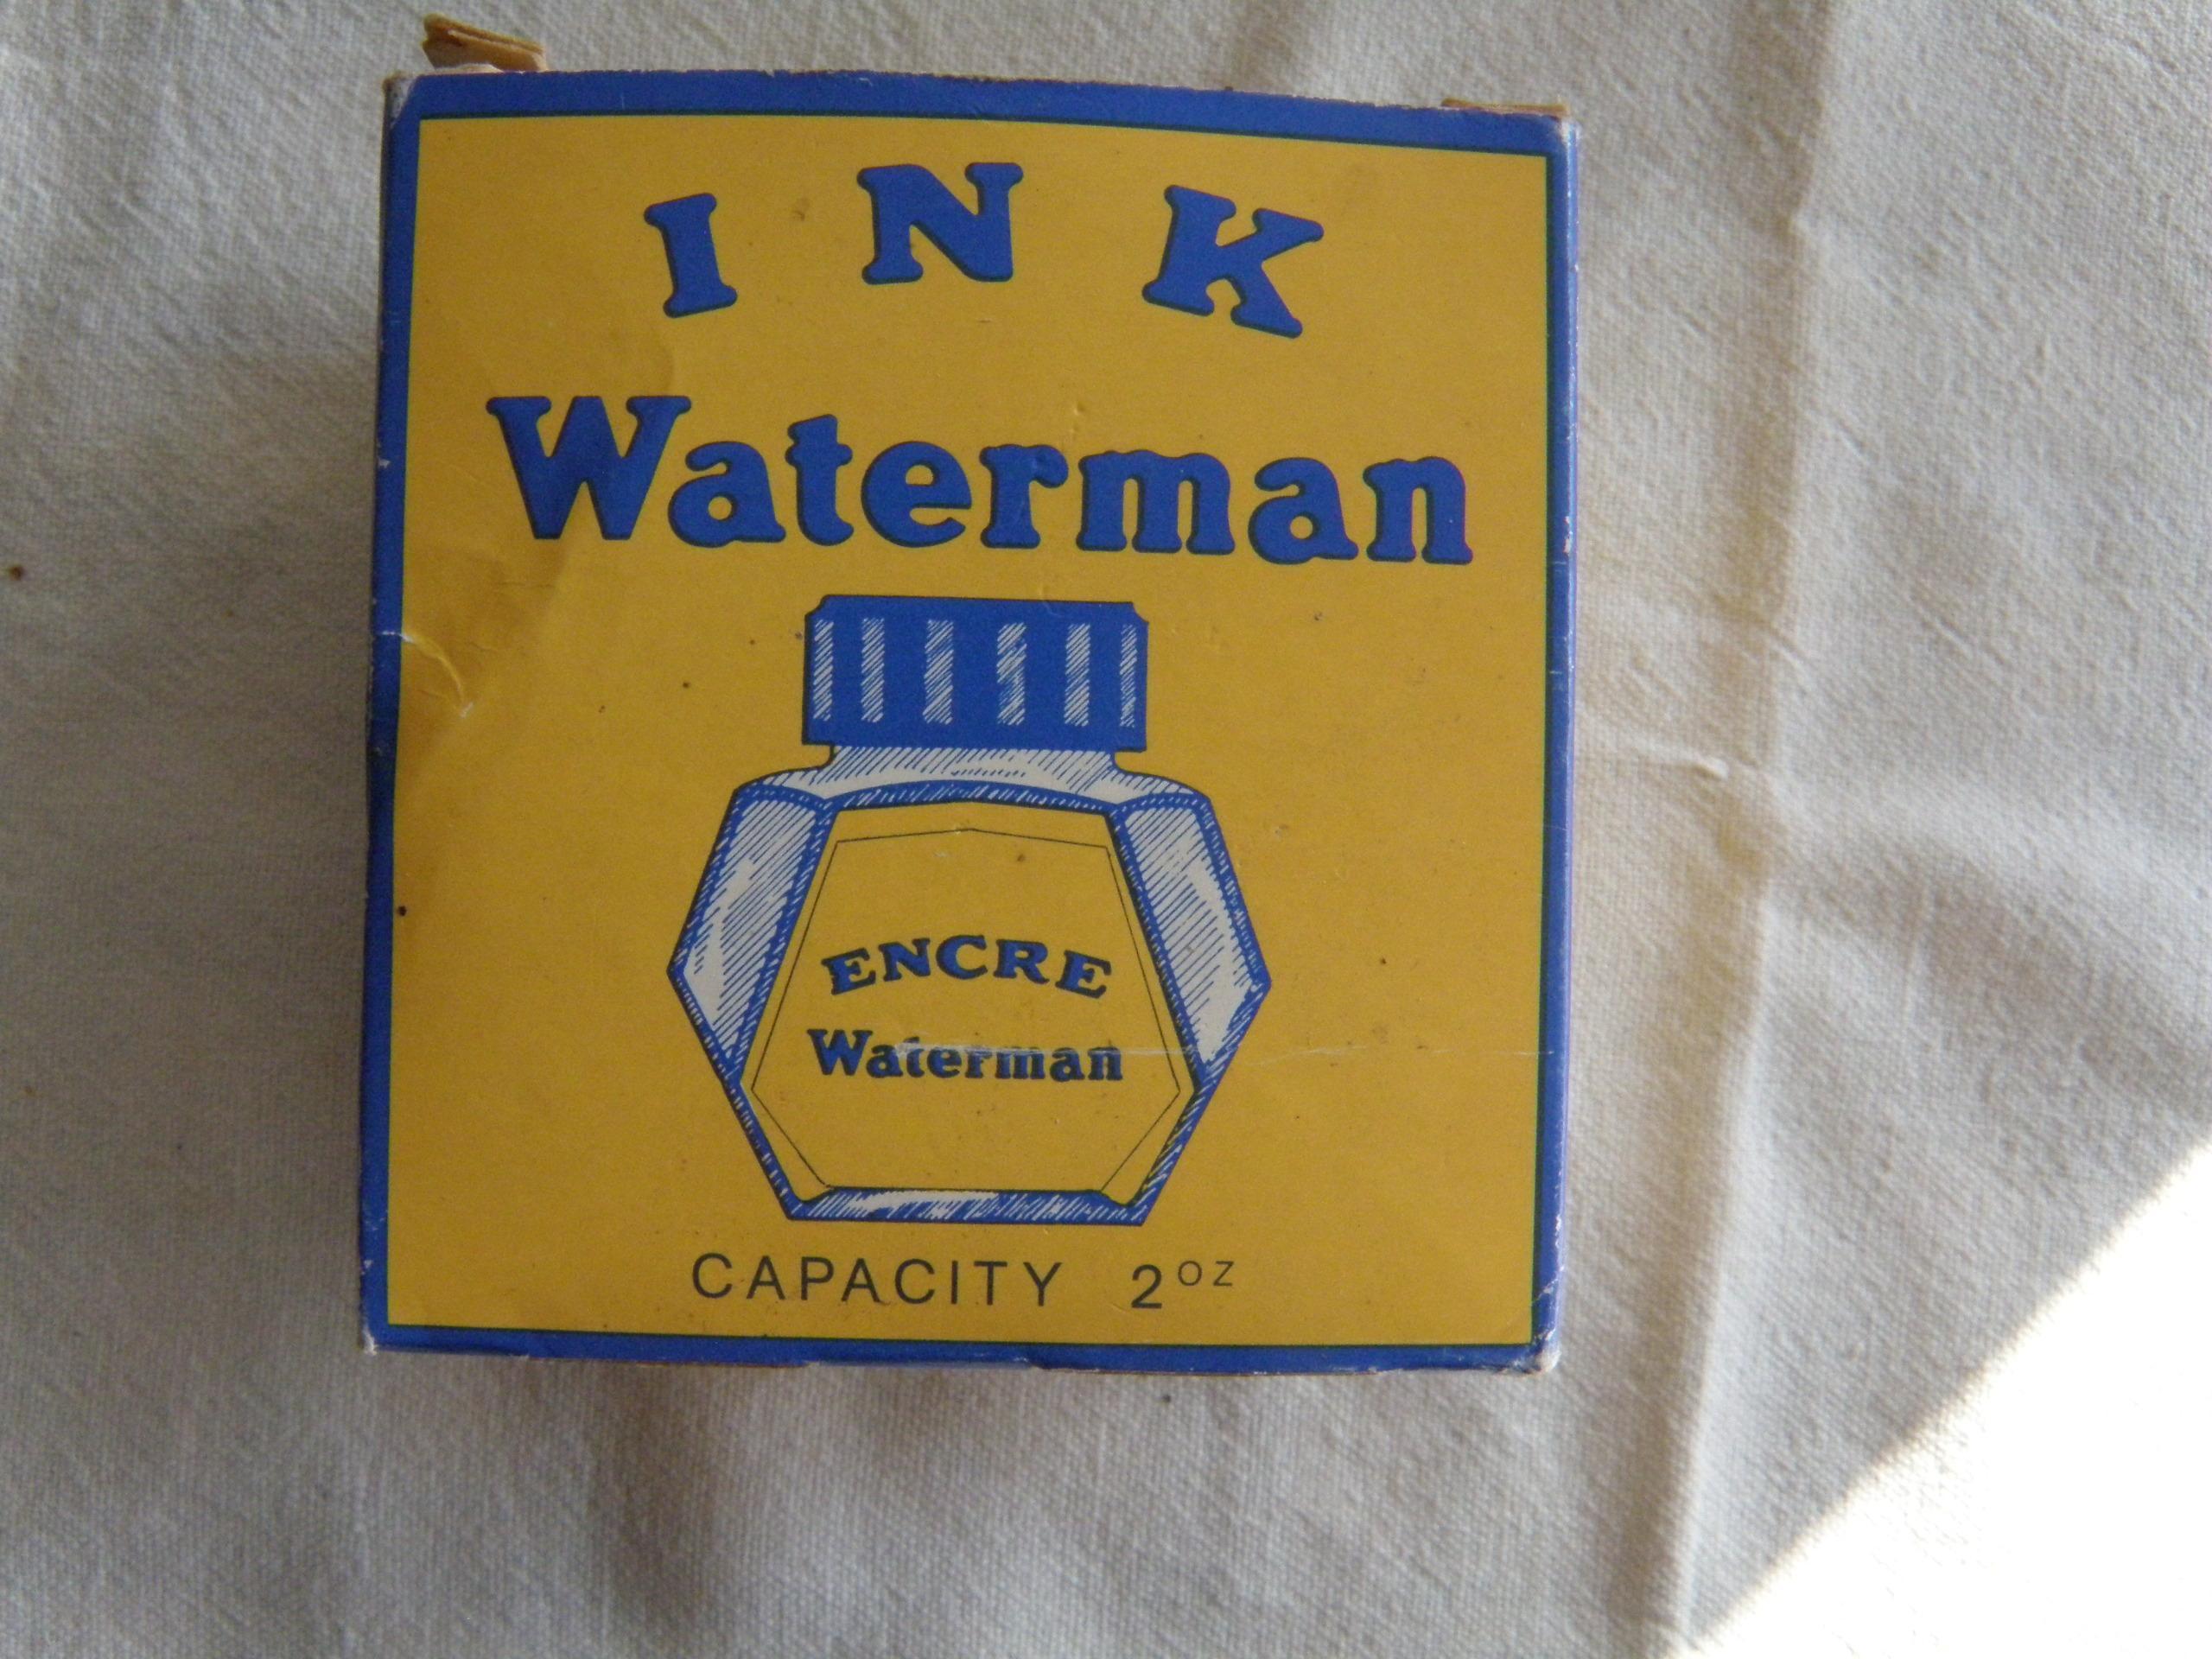 troc de troc réservé dauvpic bouteille encre waterman bleu, à moitié image 2